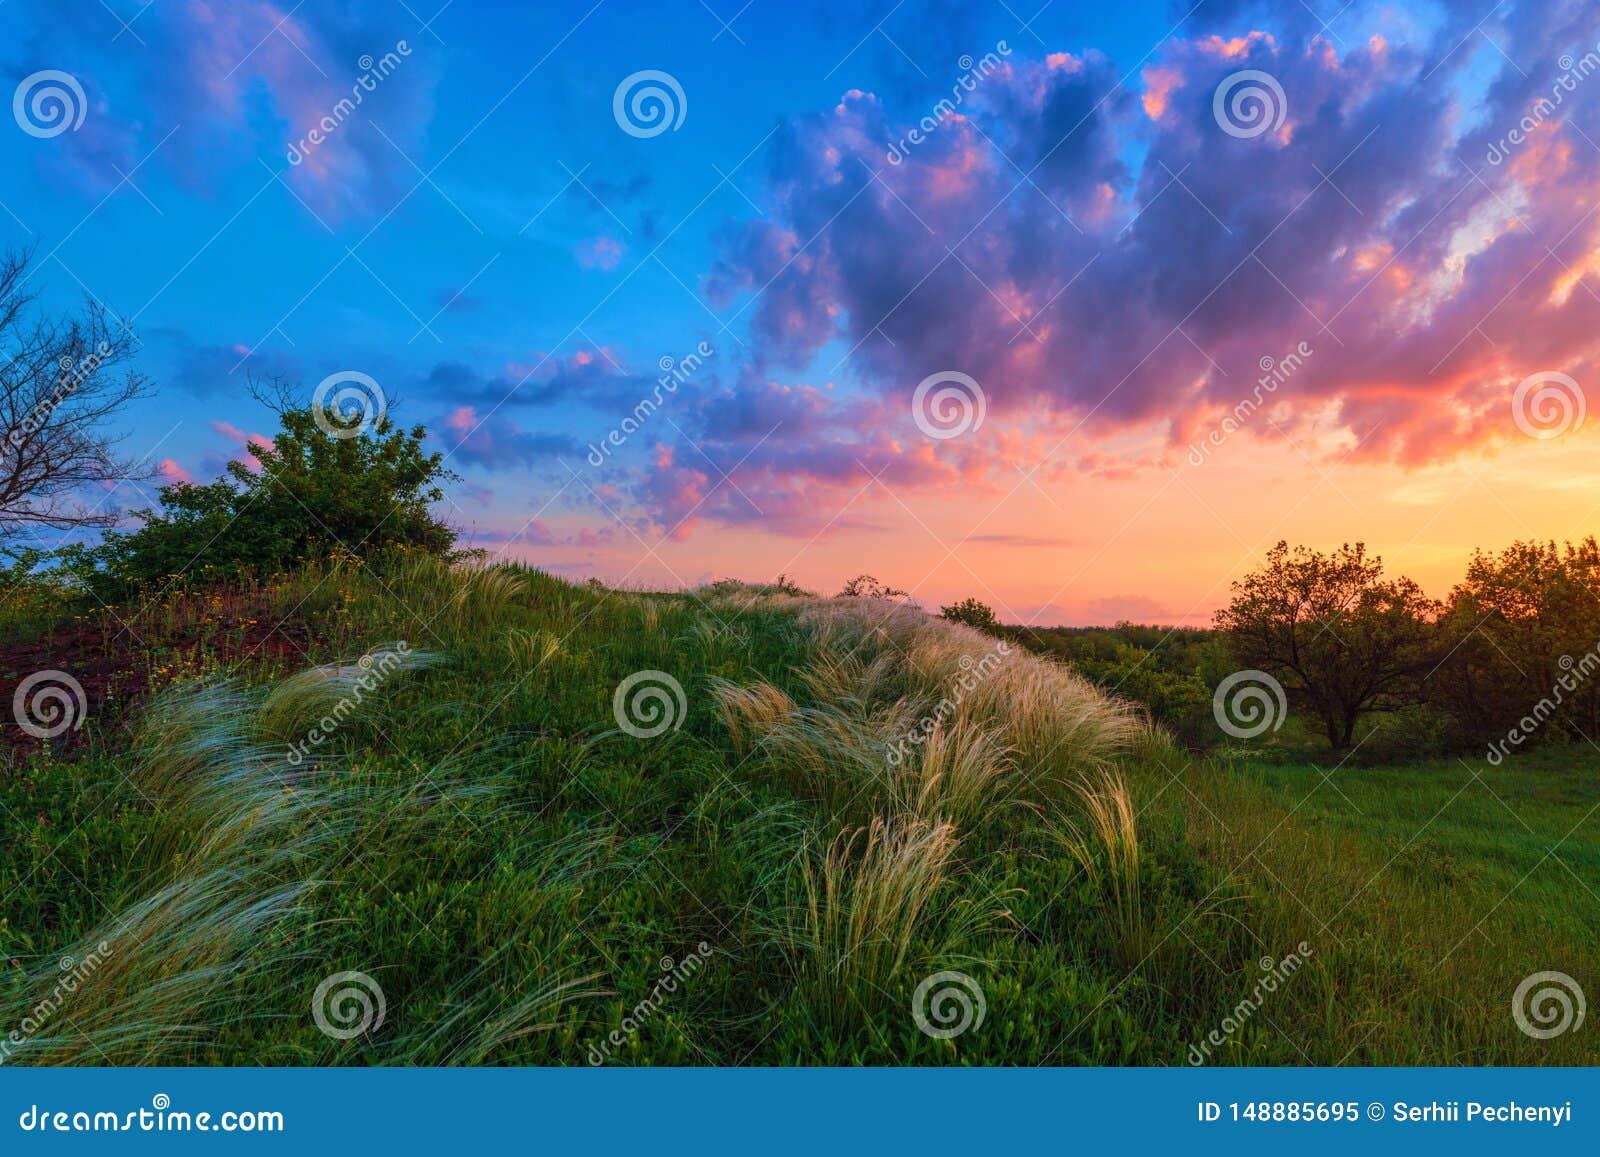 Mooi beeld van zonsondergang over het pluimgrasgebied